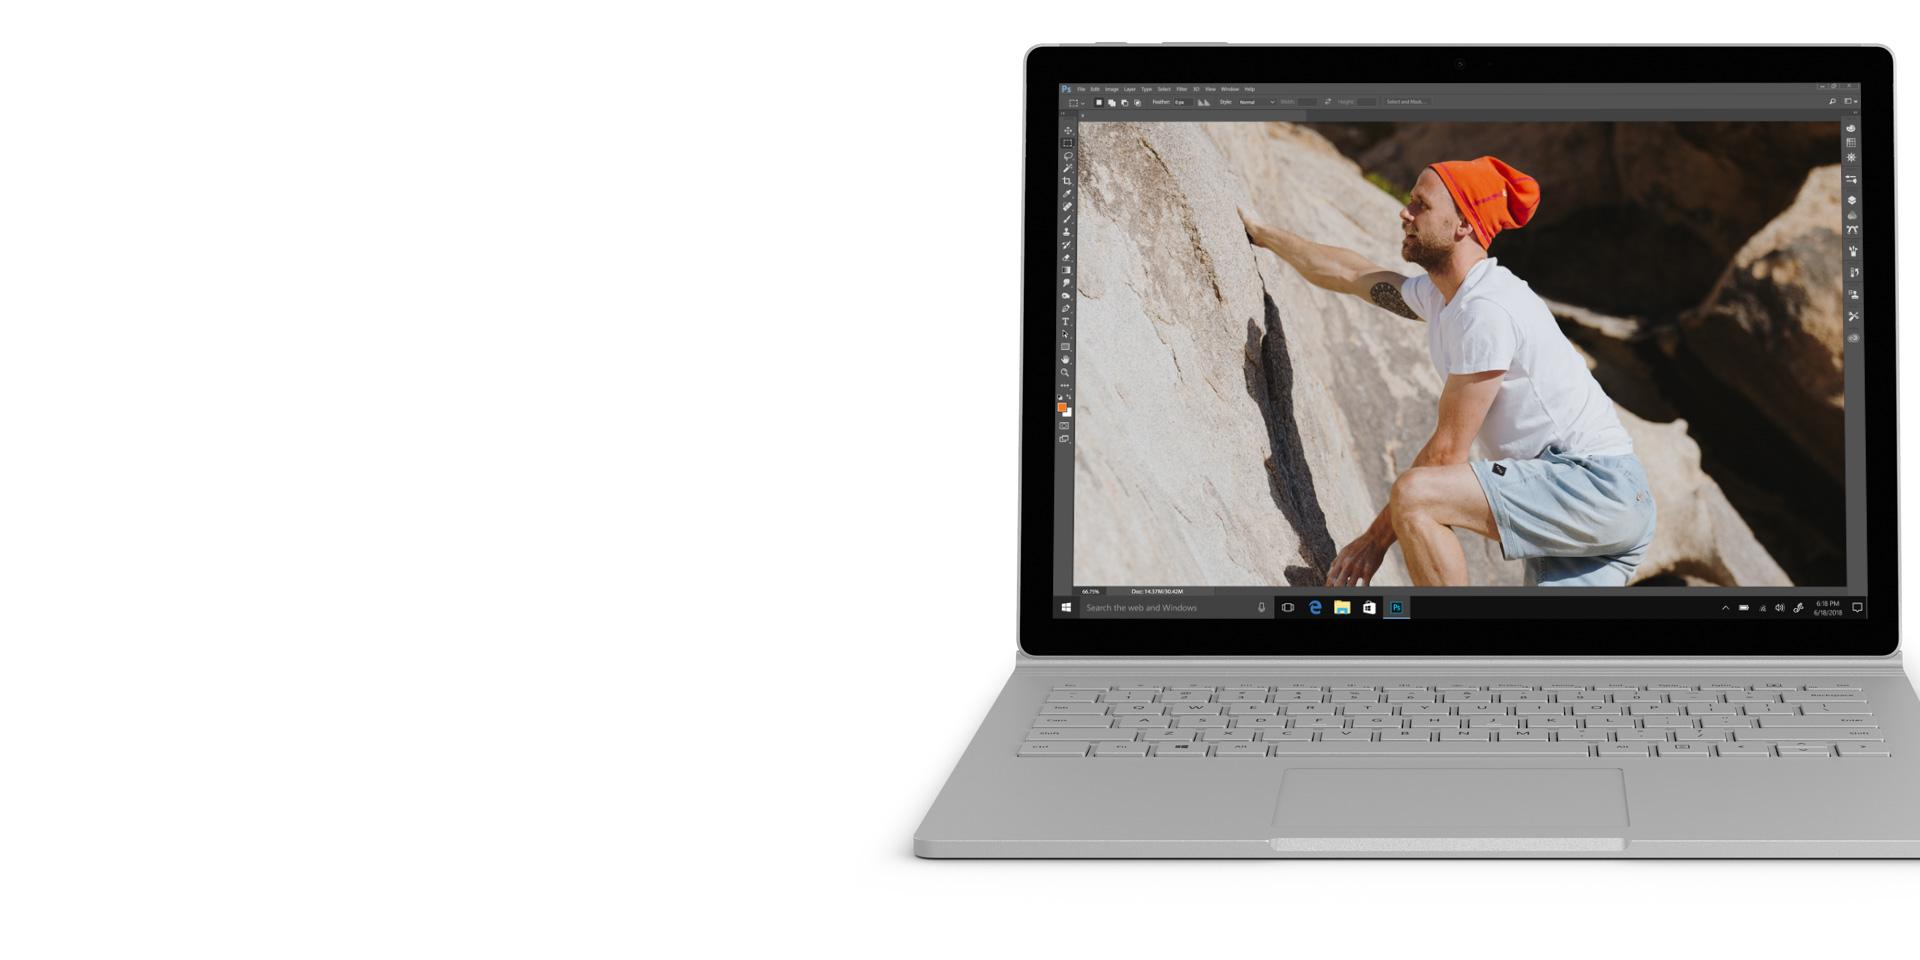 Adobe Photoshop no ecrã do Surface Book 2